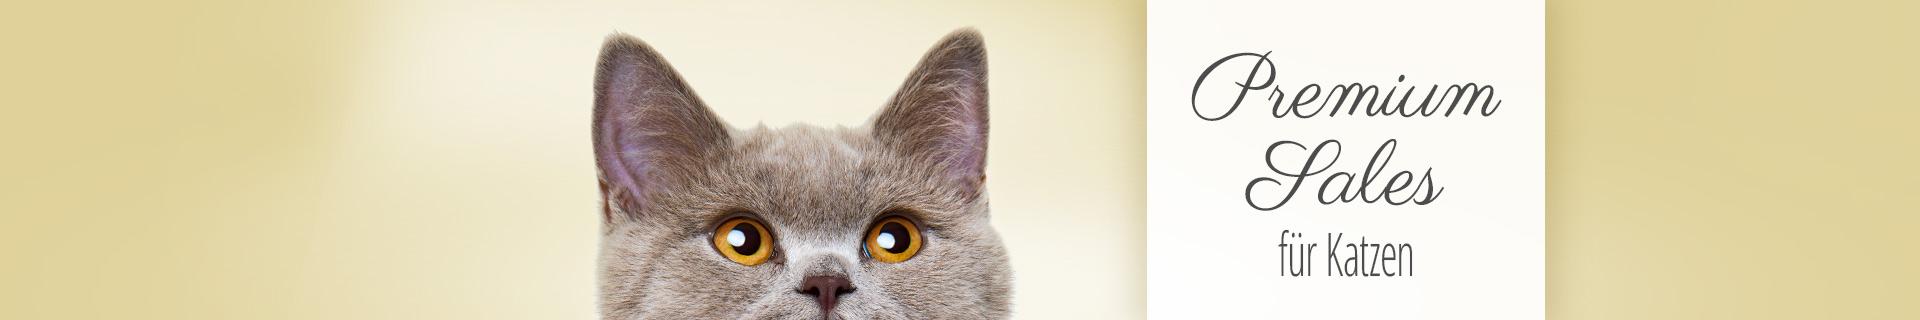 Sonderangebote Premium Sales für Katzen